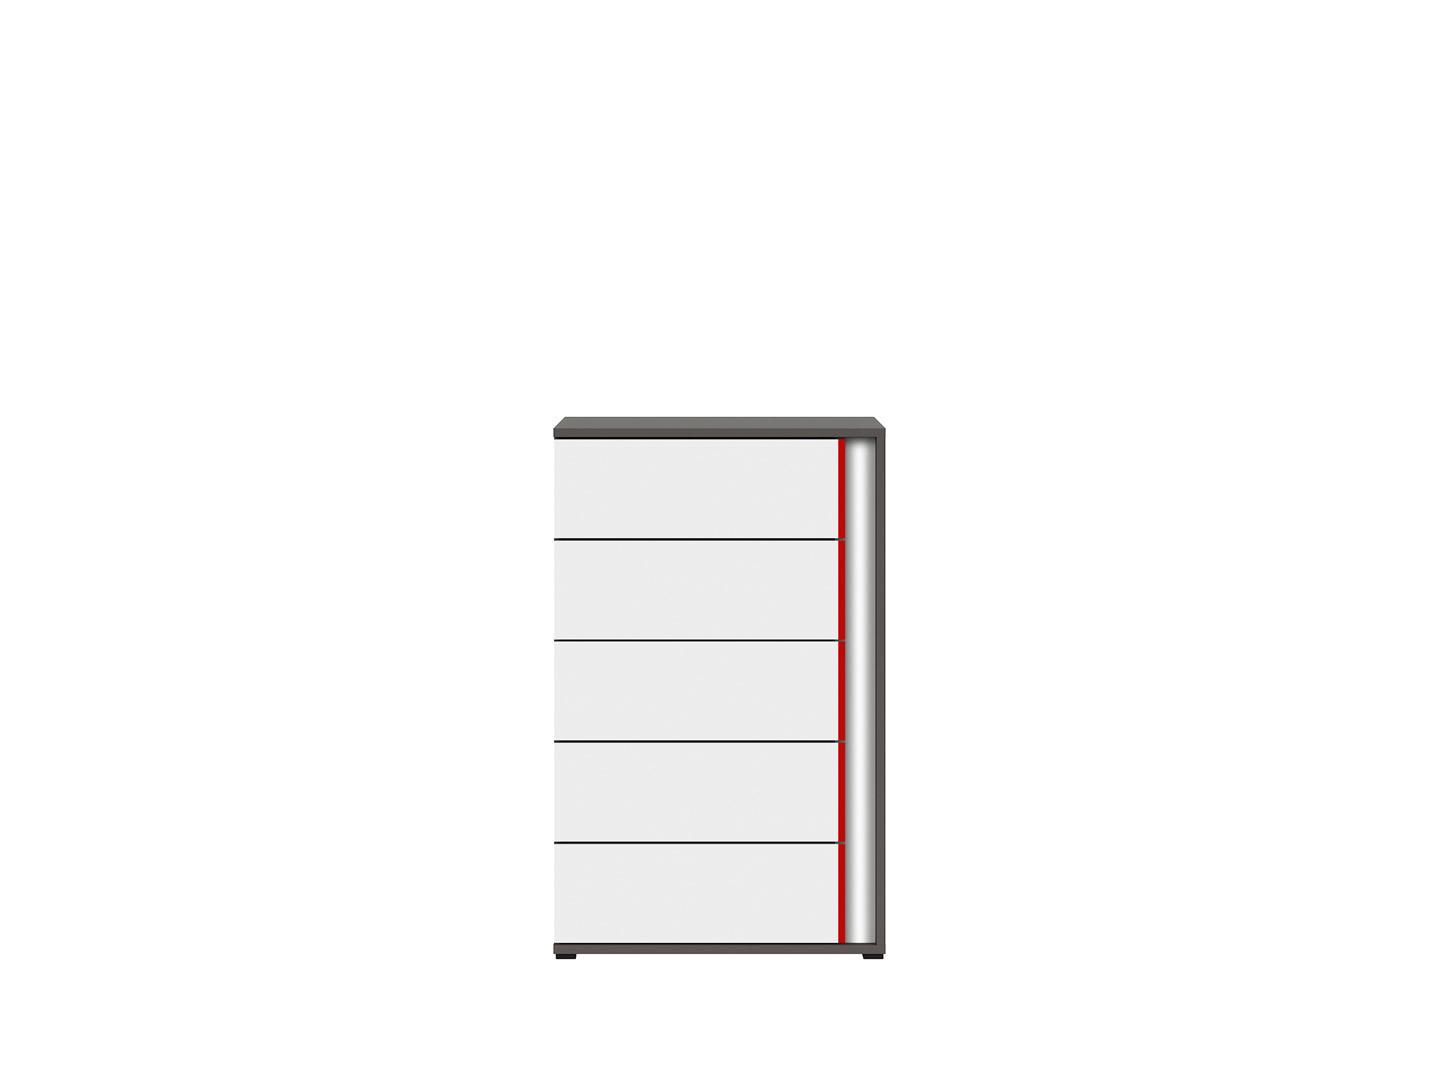 Komoda GRAPHIC KOM5SL/B sivý wolfram/biely/červený